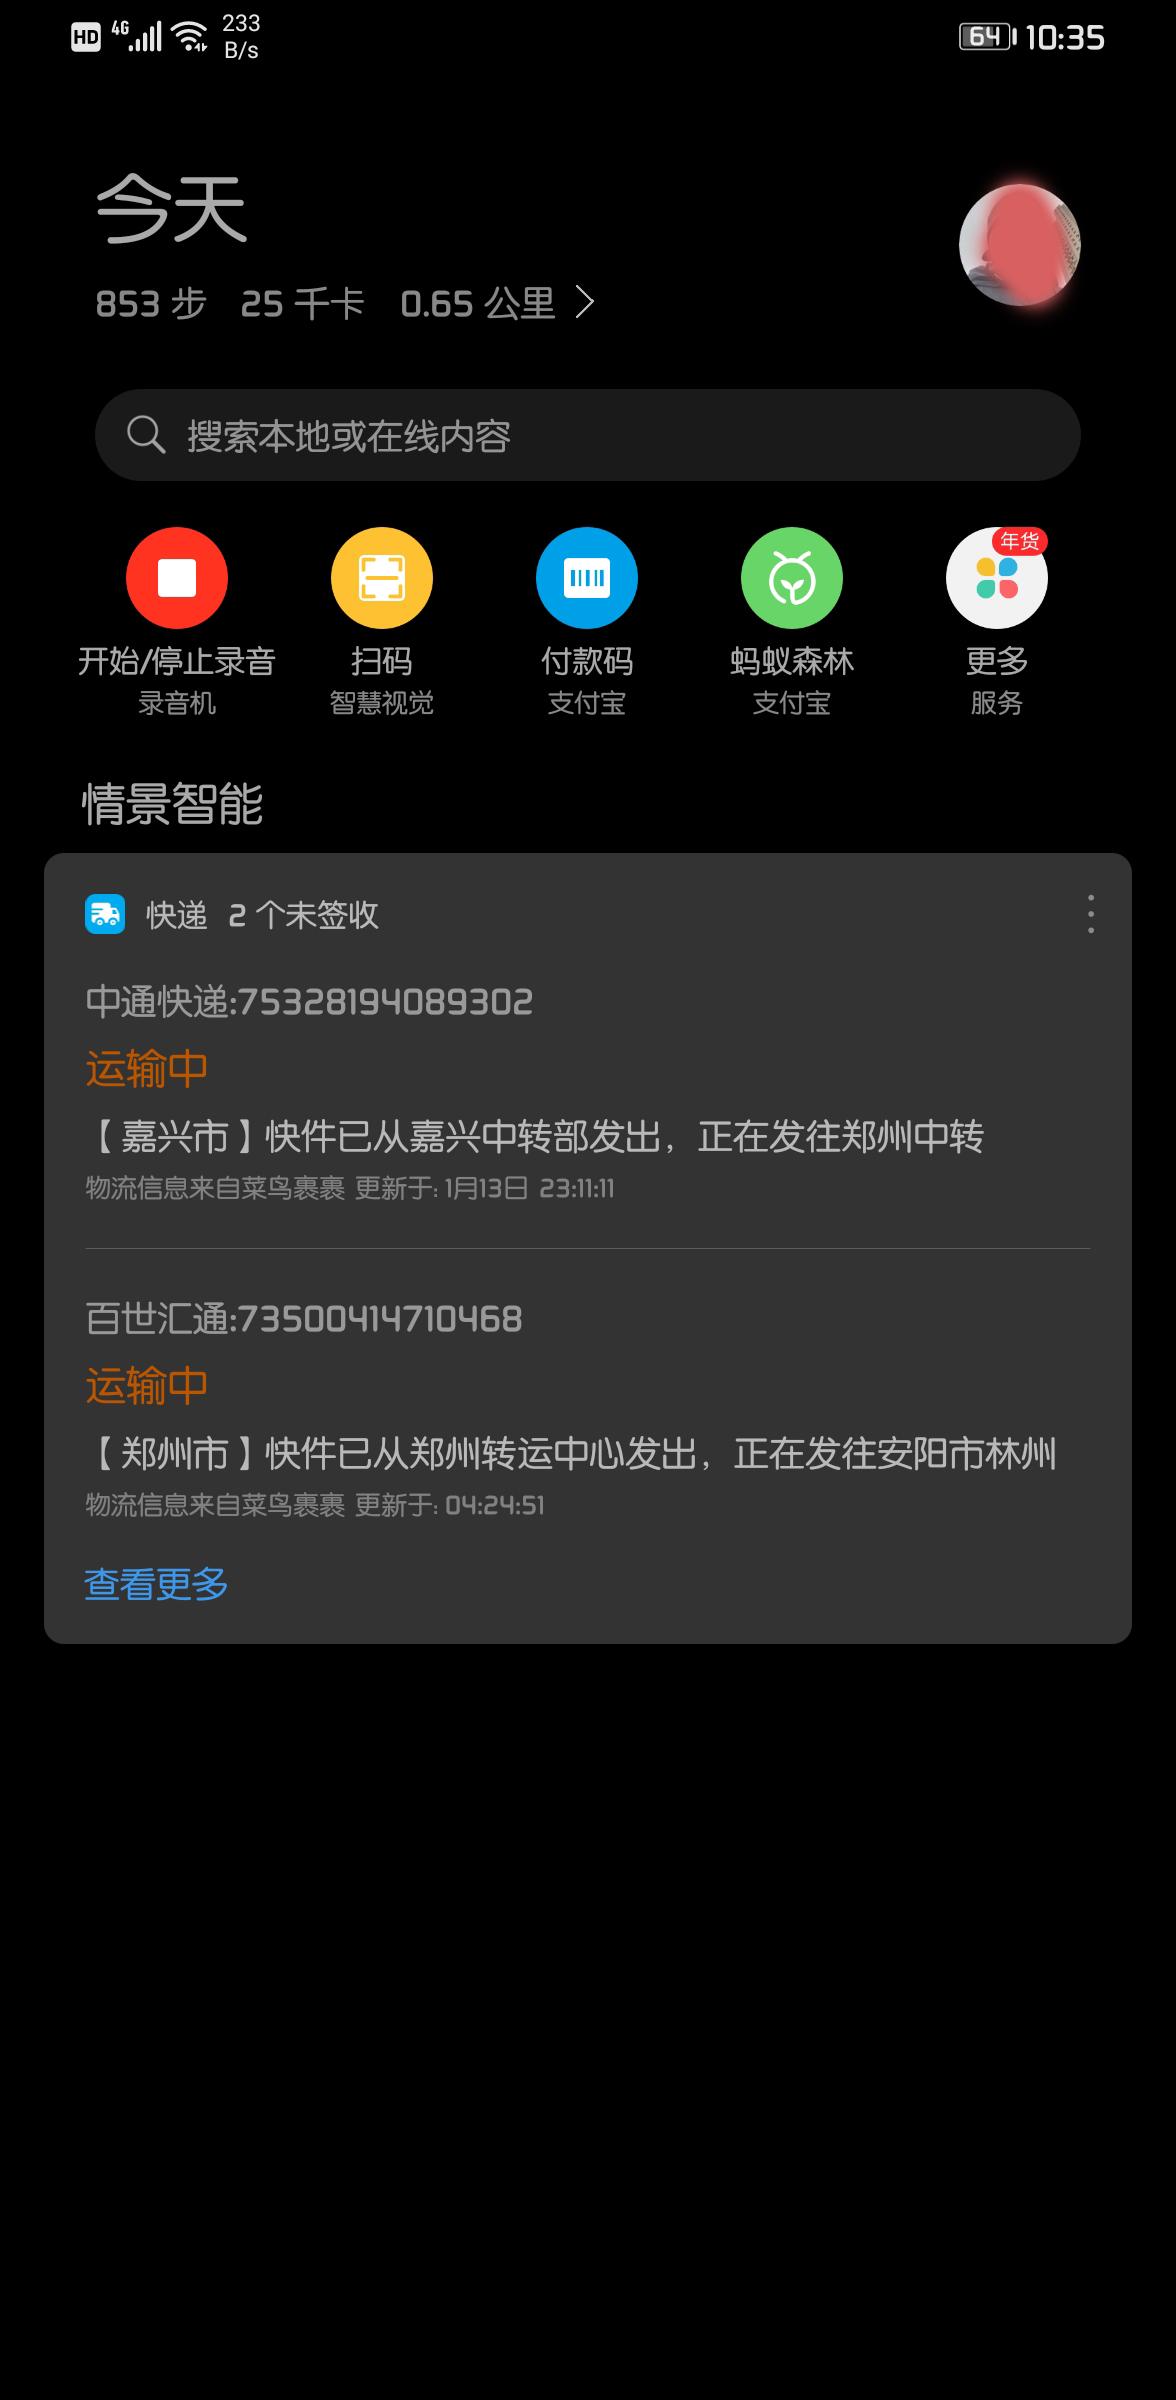 Screenshot_20200115_103549_com.huawei.android.launcher.jpg